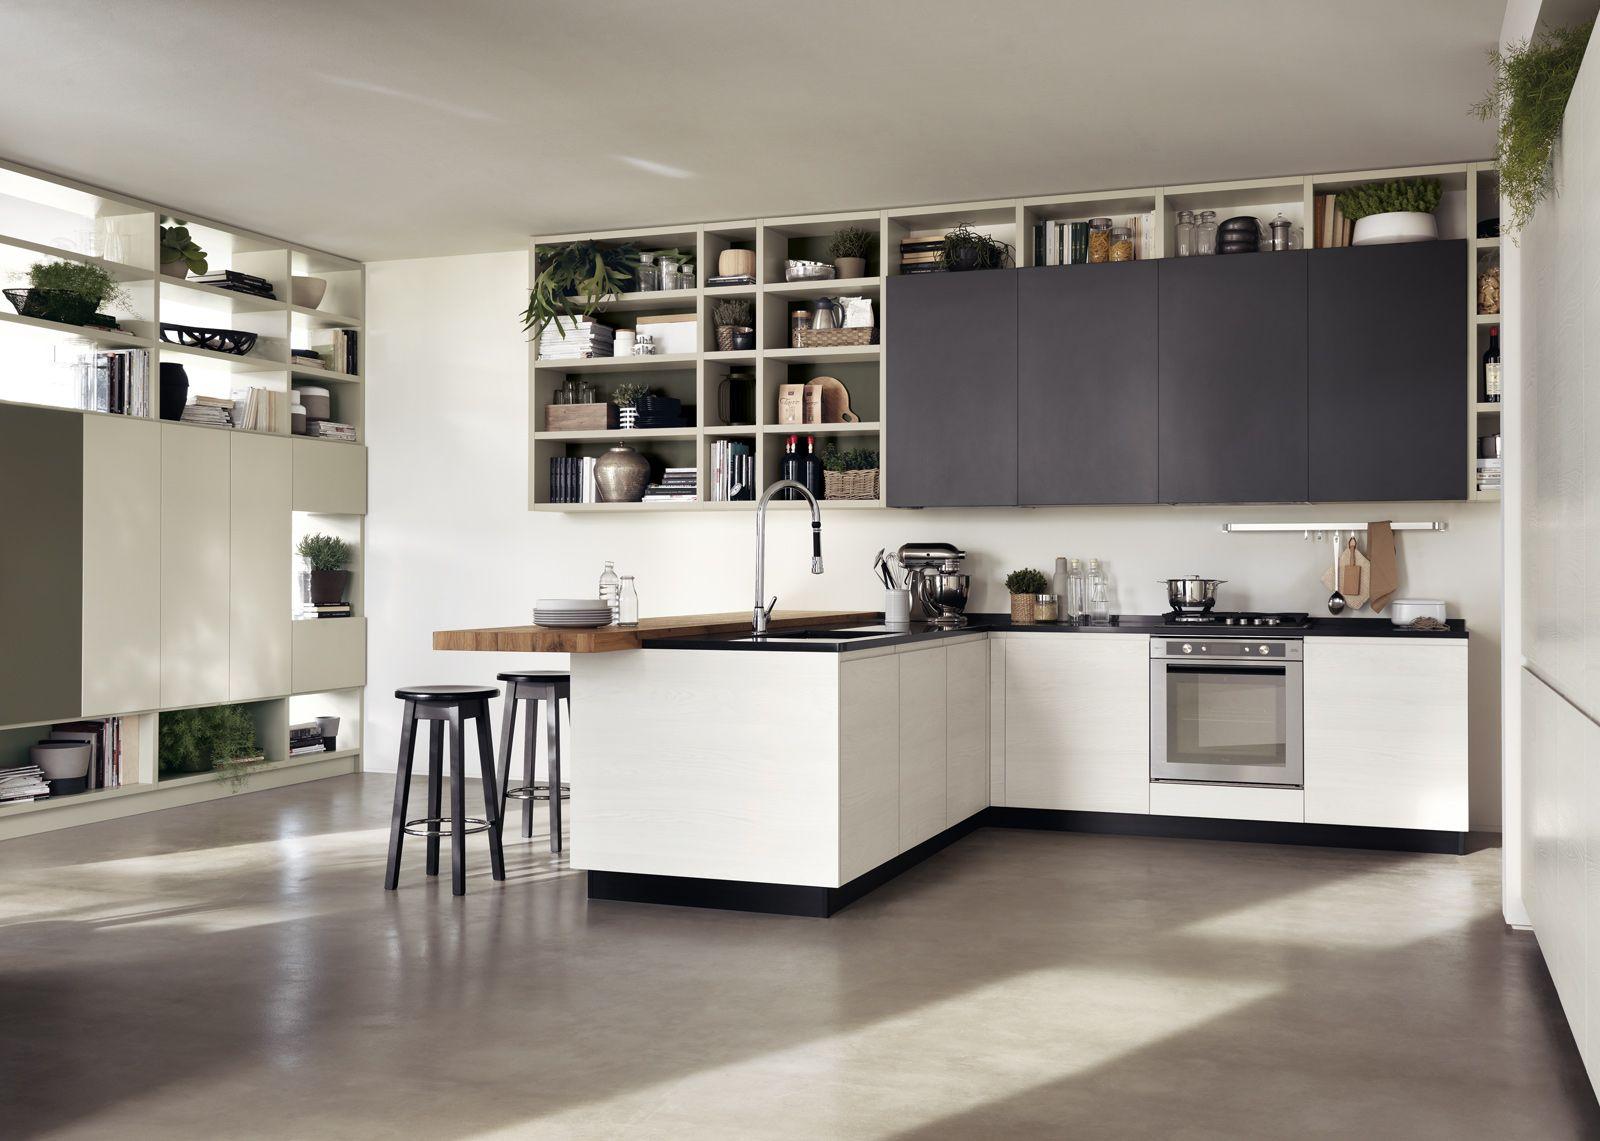 Cucina: contenere di più con tanti pensili o pensili grandi | House